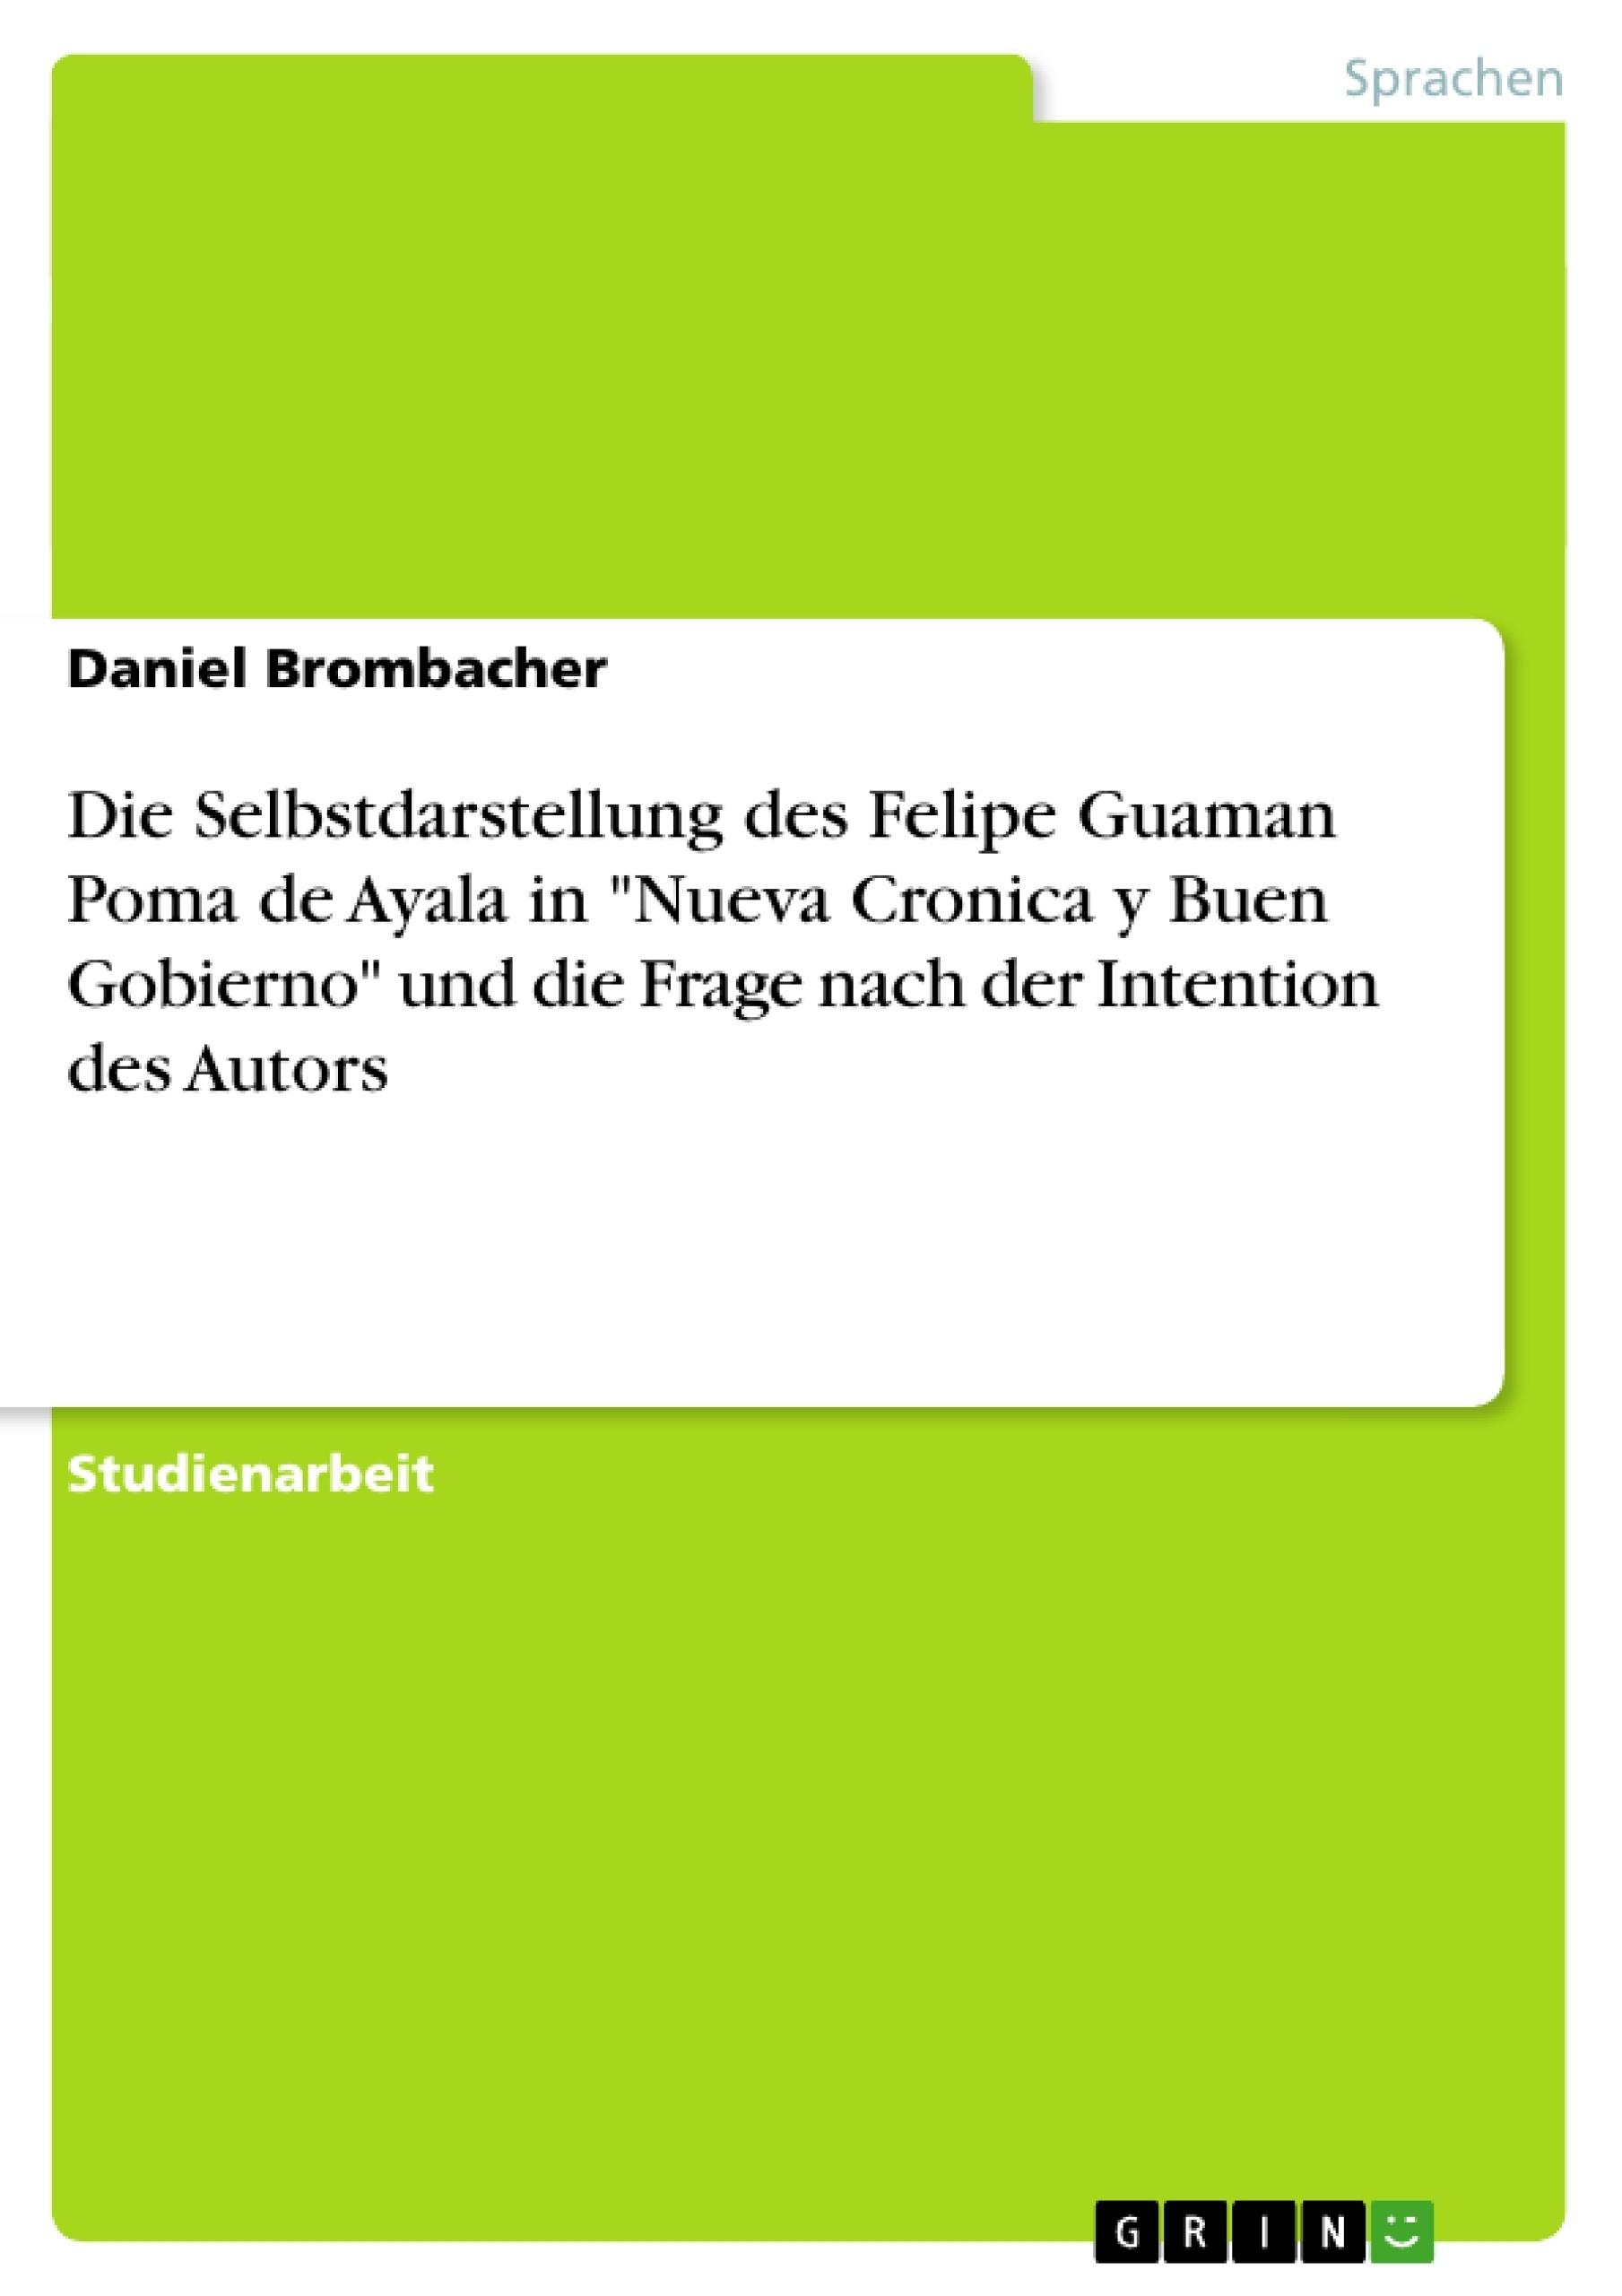 """Titel: Die Selbstdarstellung des Felipe Guaman Poma de Ayala in """"Nueva Cronica y Buen Gobierno"""" und die Frage nach der Intention des Autors"""